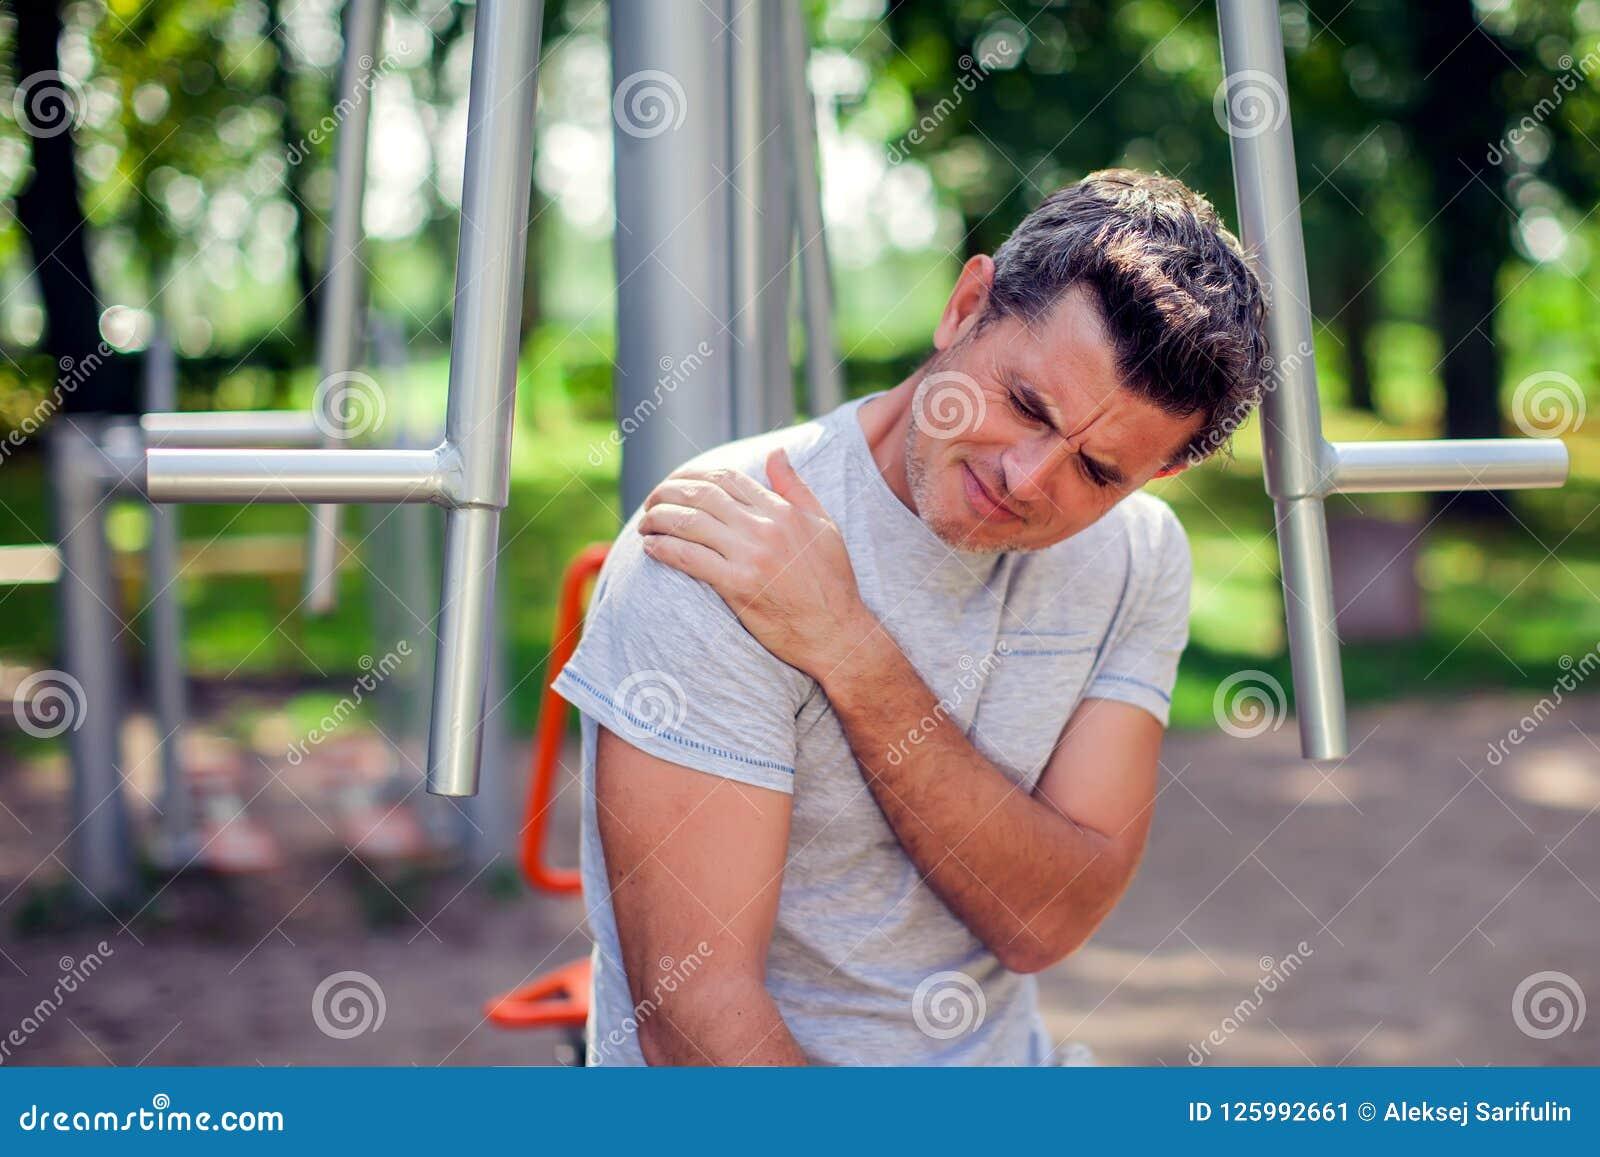 Manngefühlsschmerz in seiner Schulter während des Sports und Training in t